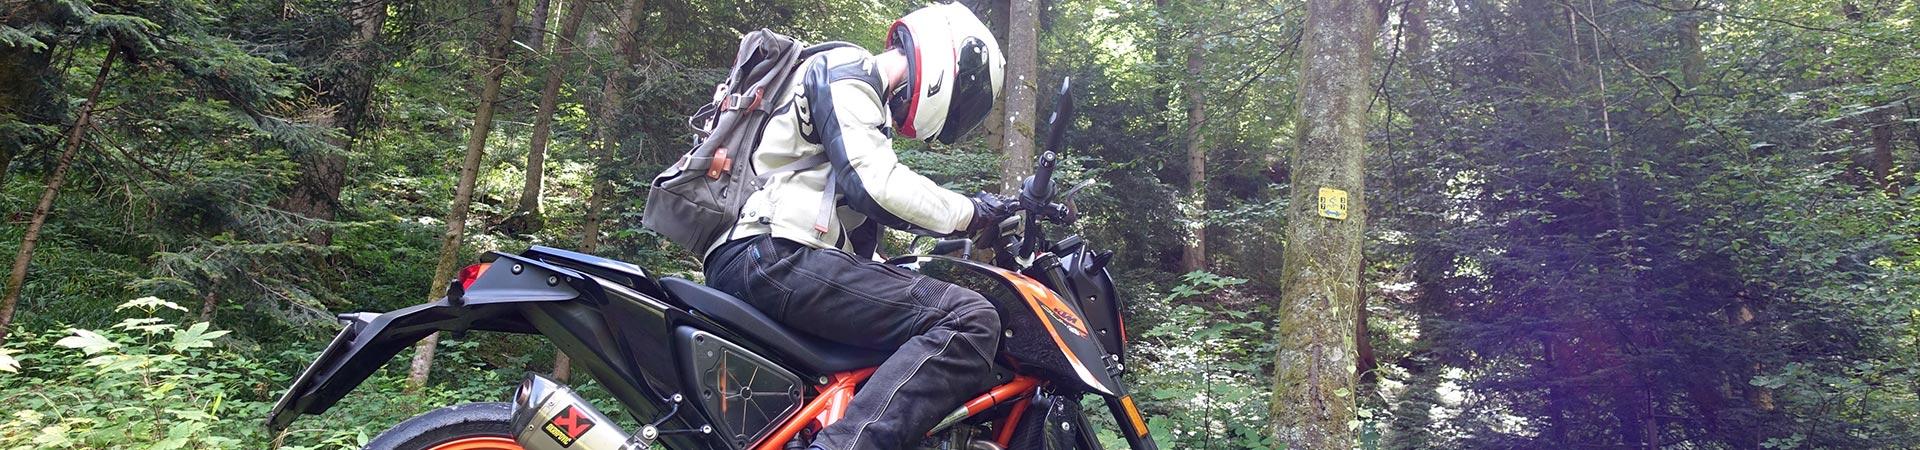 Titelbild-Digitaler-Exit-auf-dem-Motorrad_27-09-2021_3b9c6